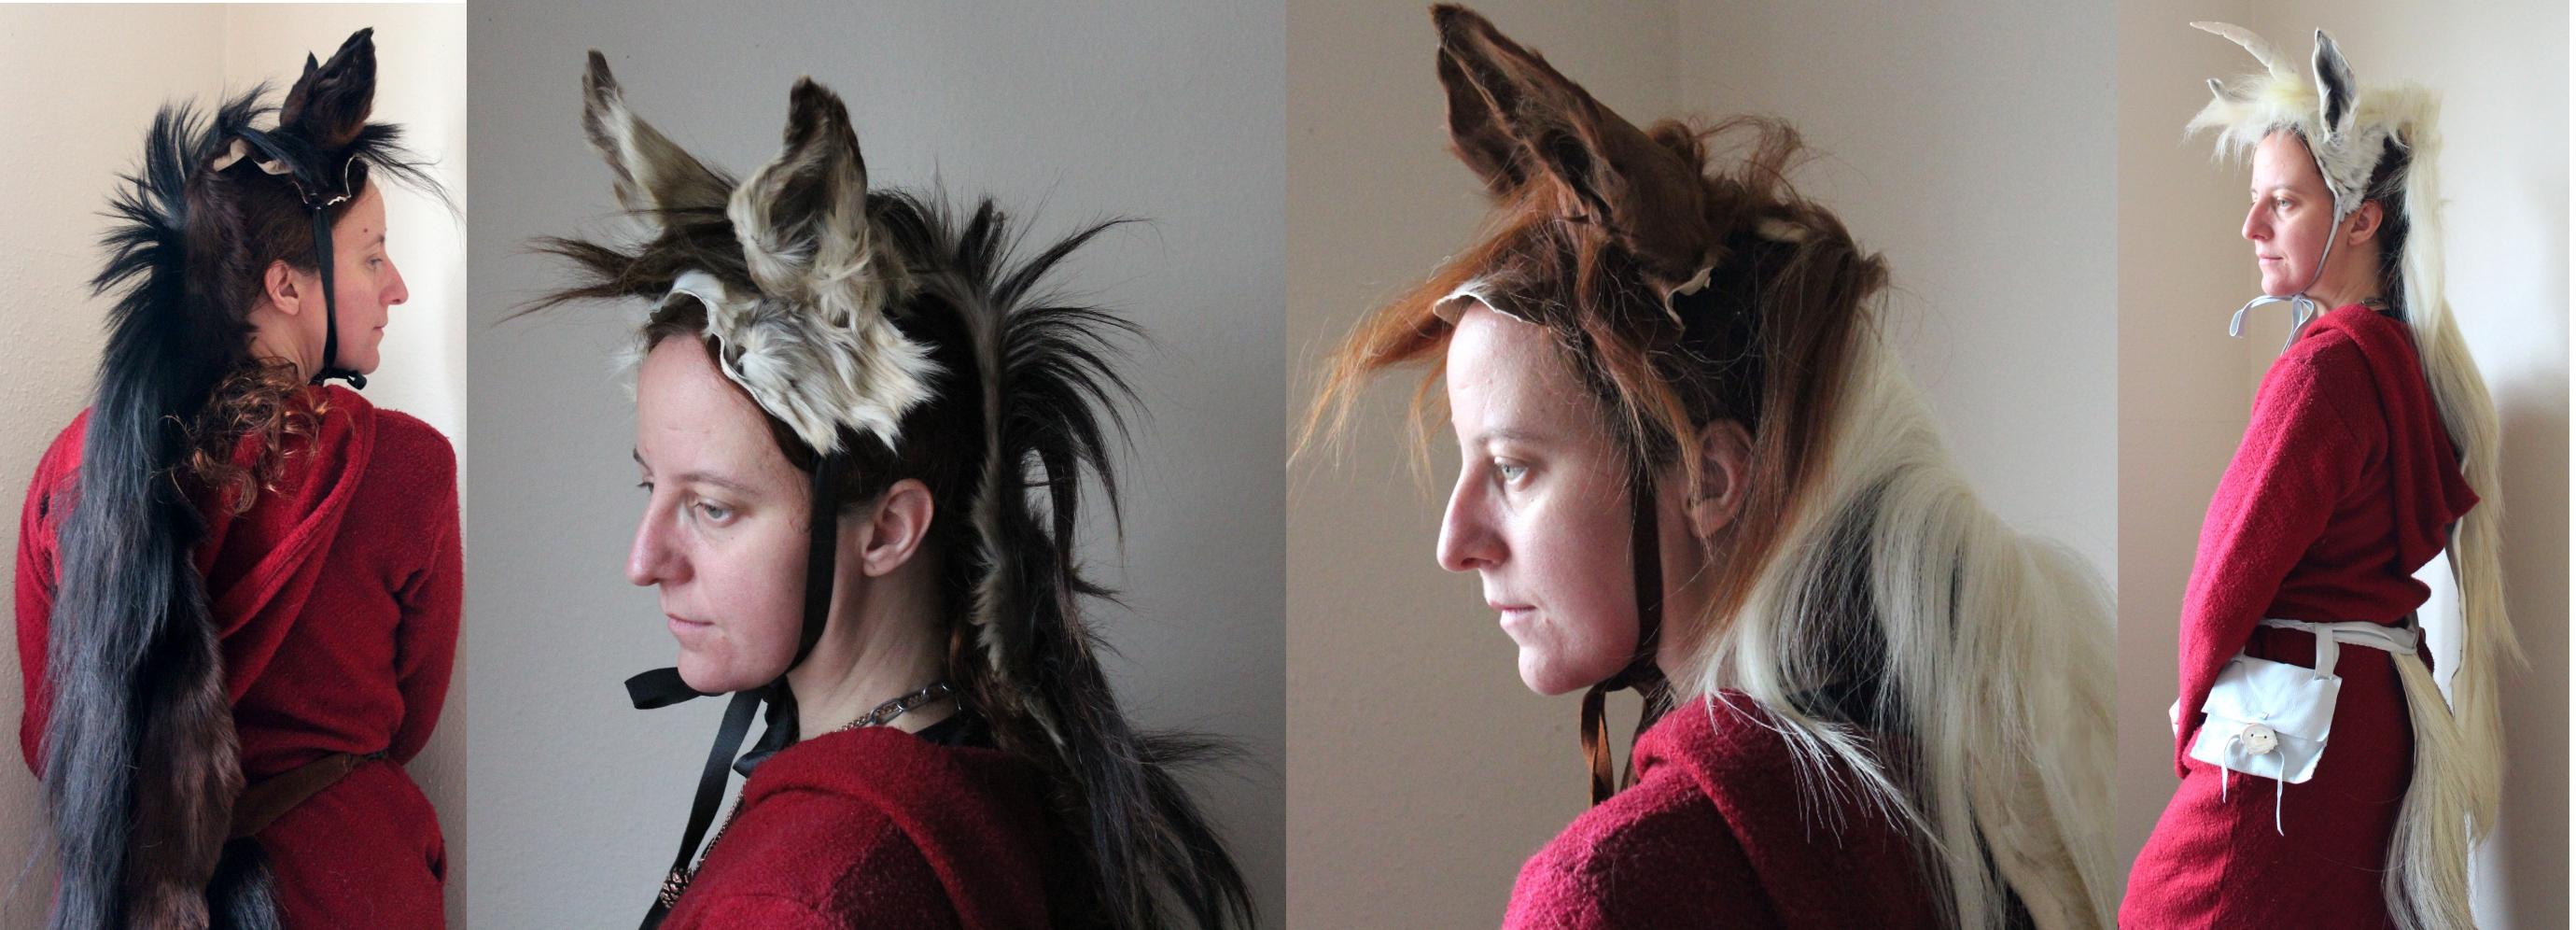 Причёска волчий хвост женская